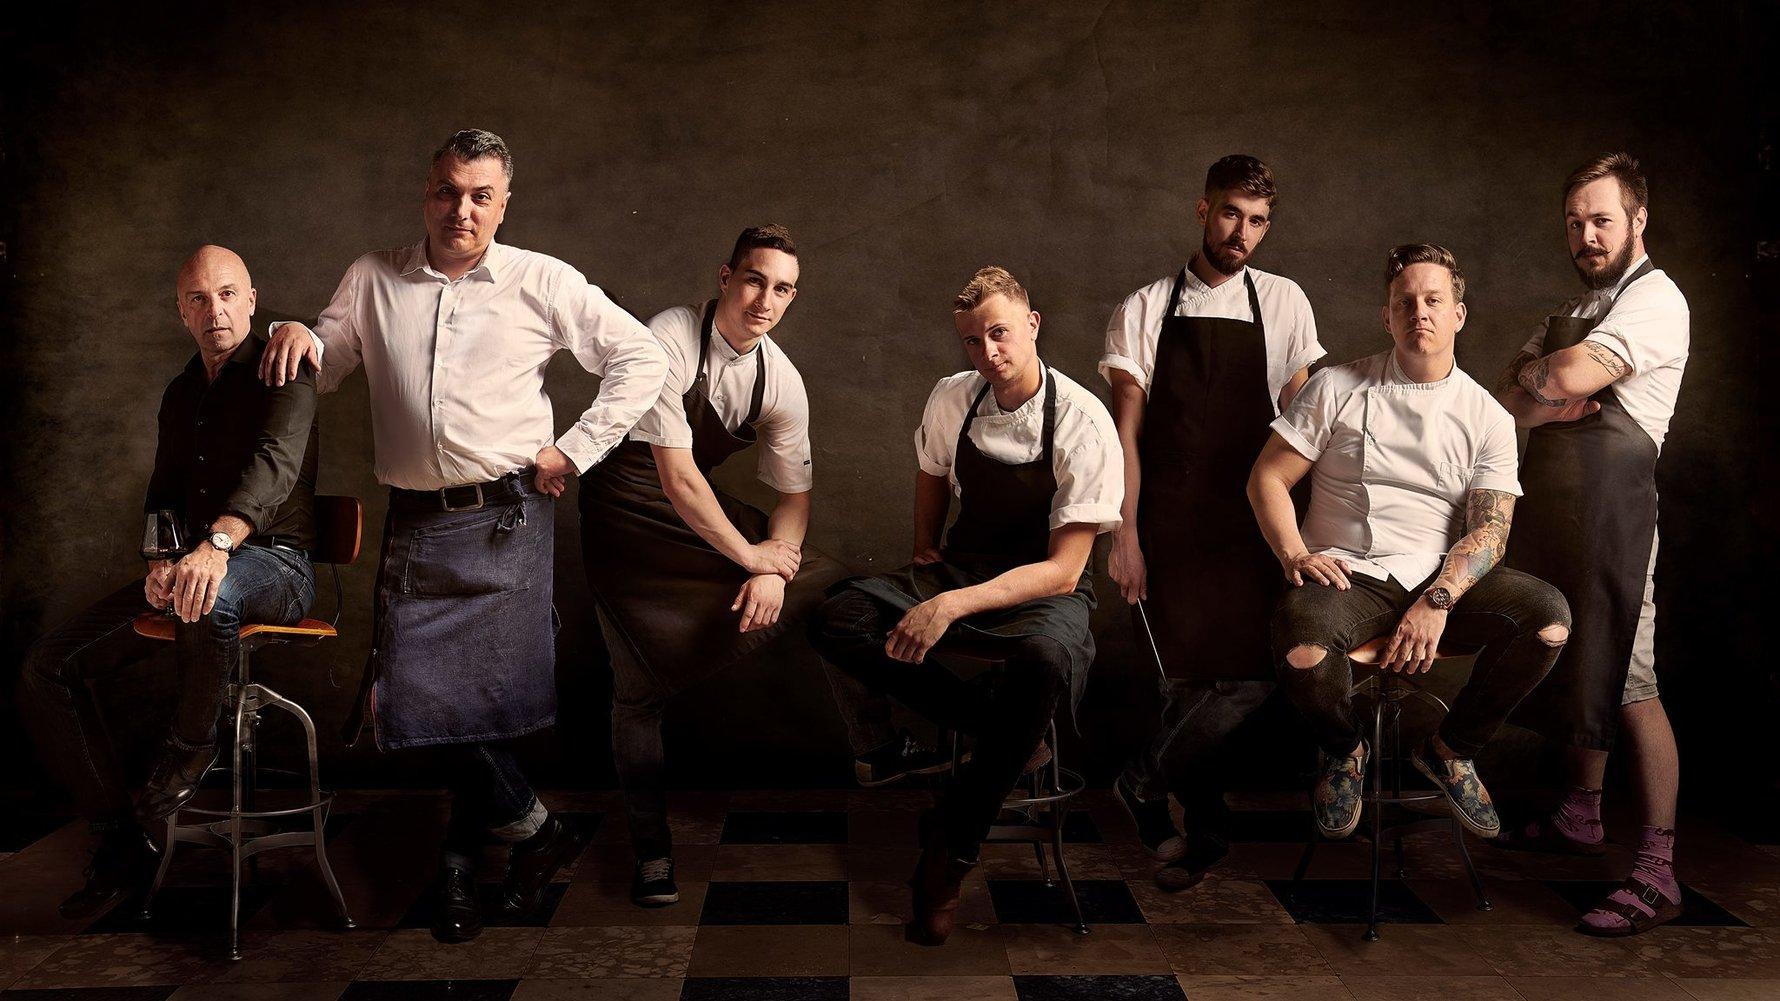 Matjaž Ivanc, Vojislav Preda, Martin Končan, Toni Strnad, Saša Žerjal, Jorg Zupan and Timi Rožič at Atelje Restaurant